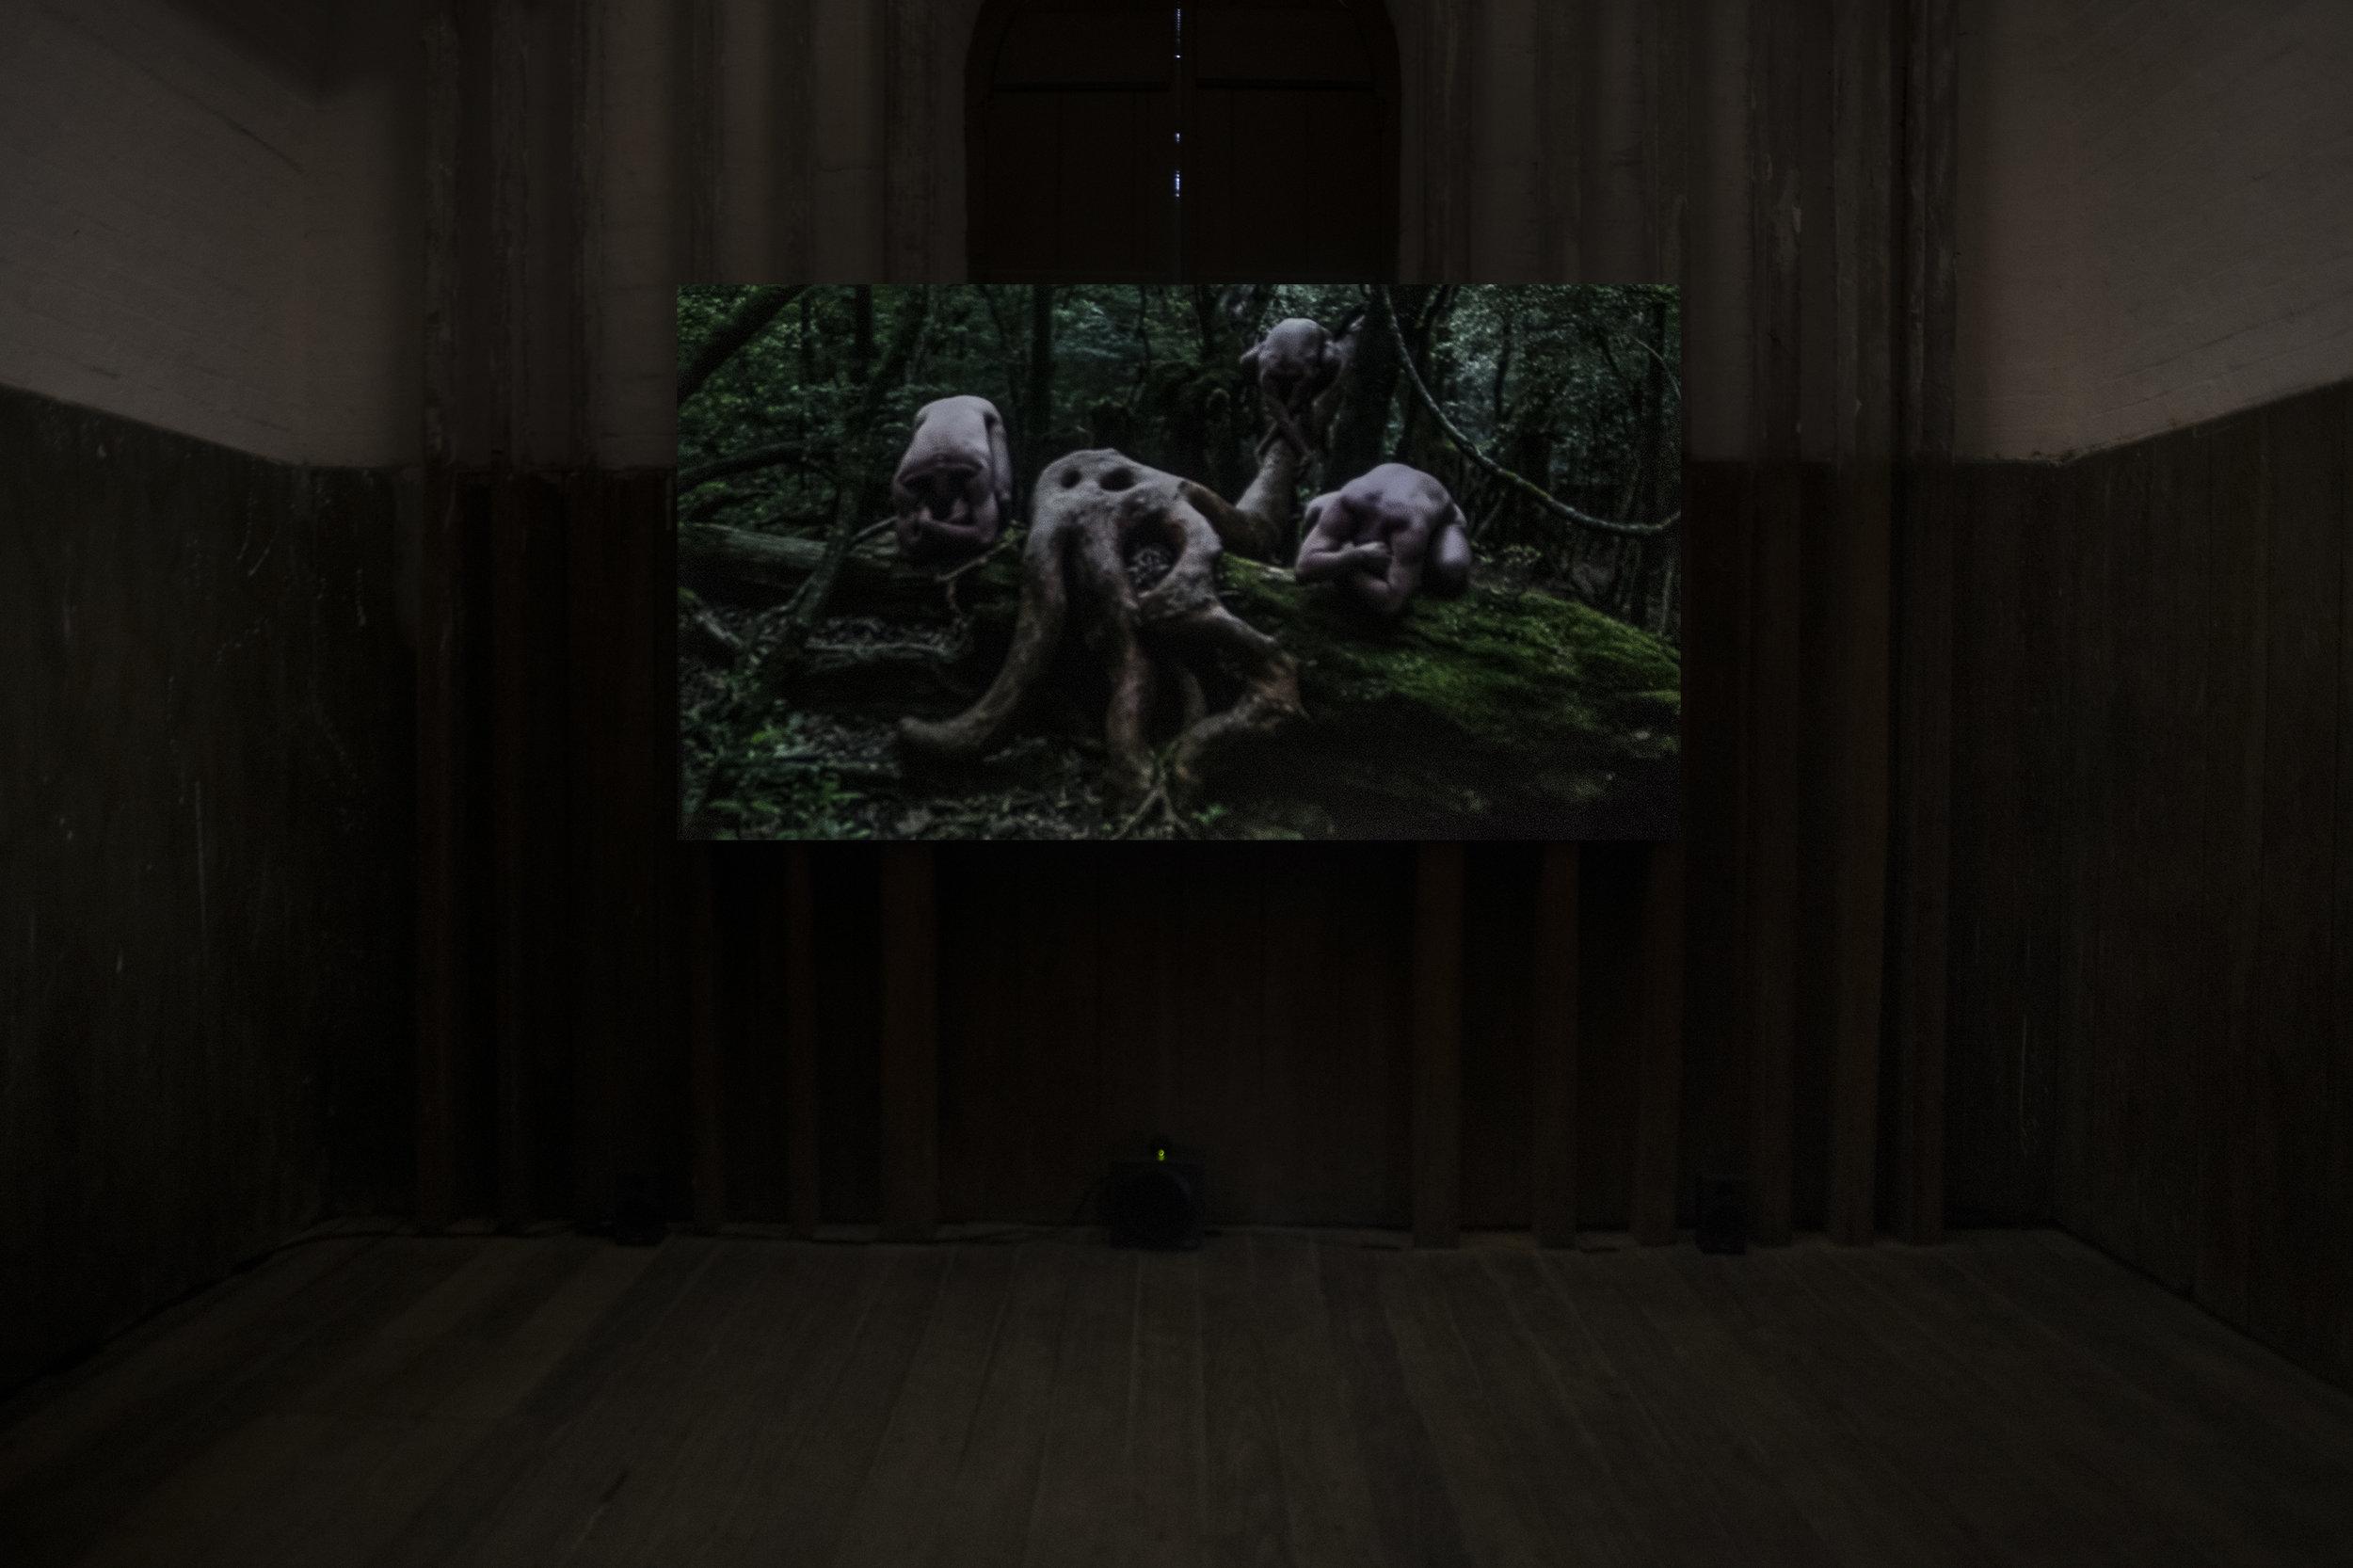 Gilles Delmas /Damien Jalet, THE FERRYMAN (le passeur des lieux), film, 57min, courtesy the artist. image: Liam James